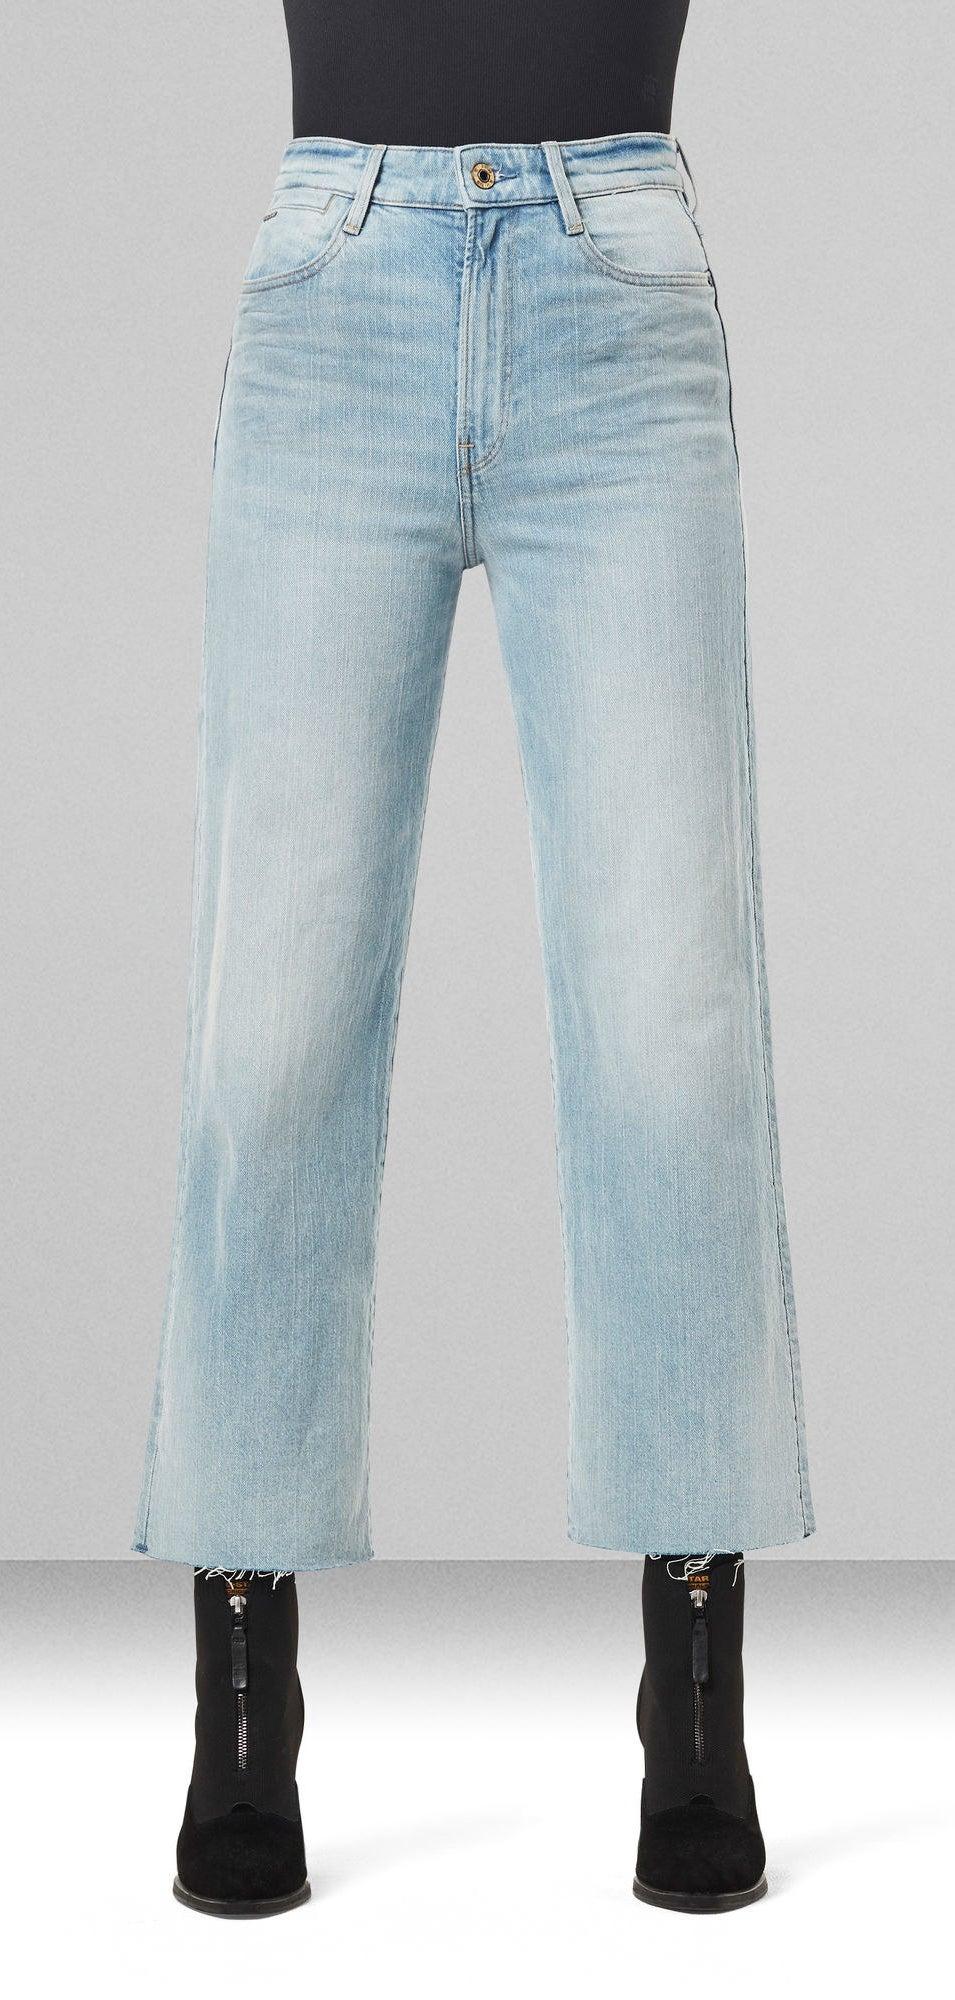 A model wears the pants in light denim